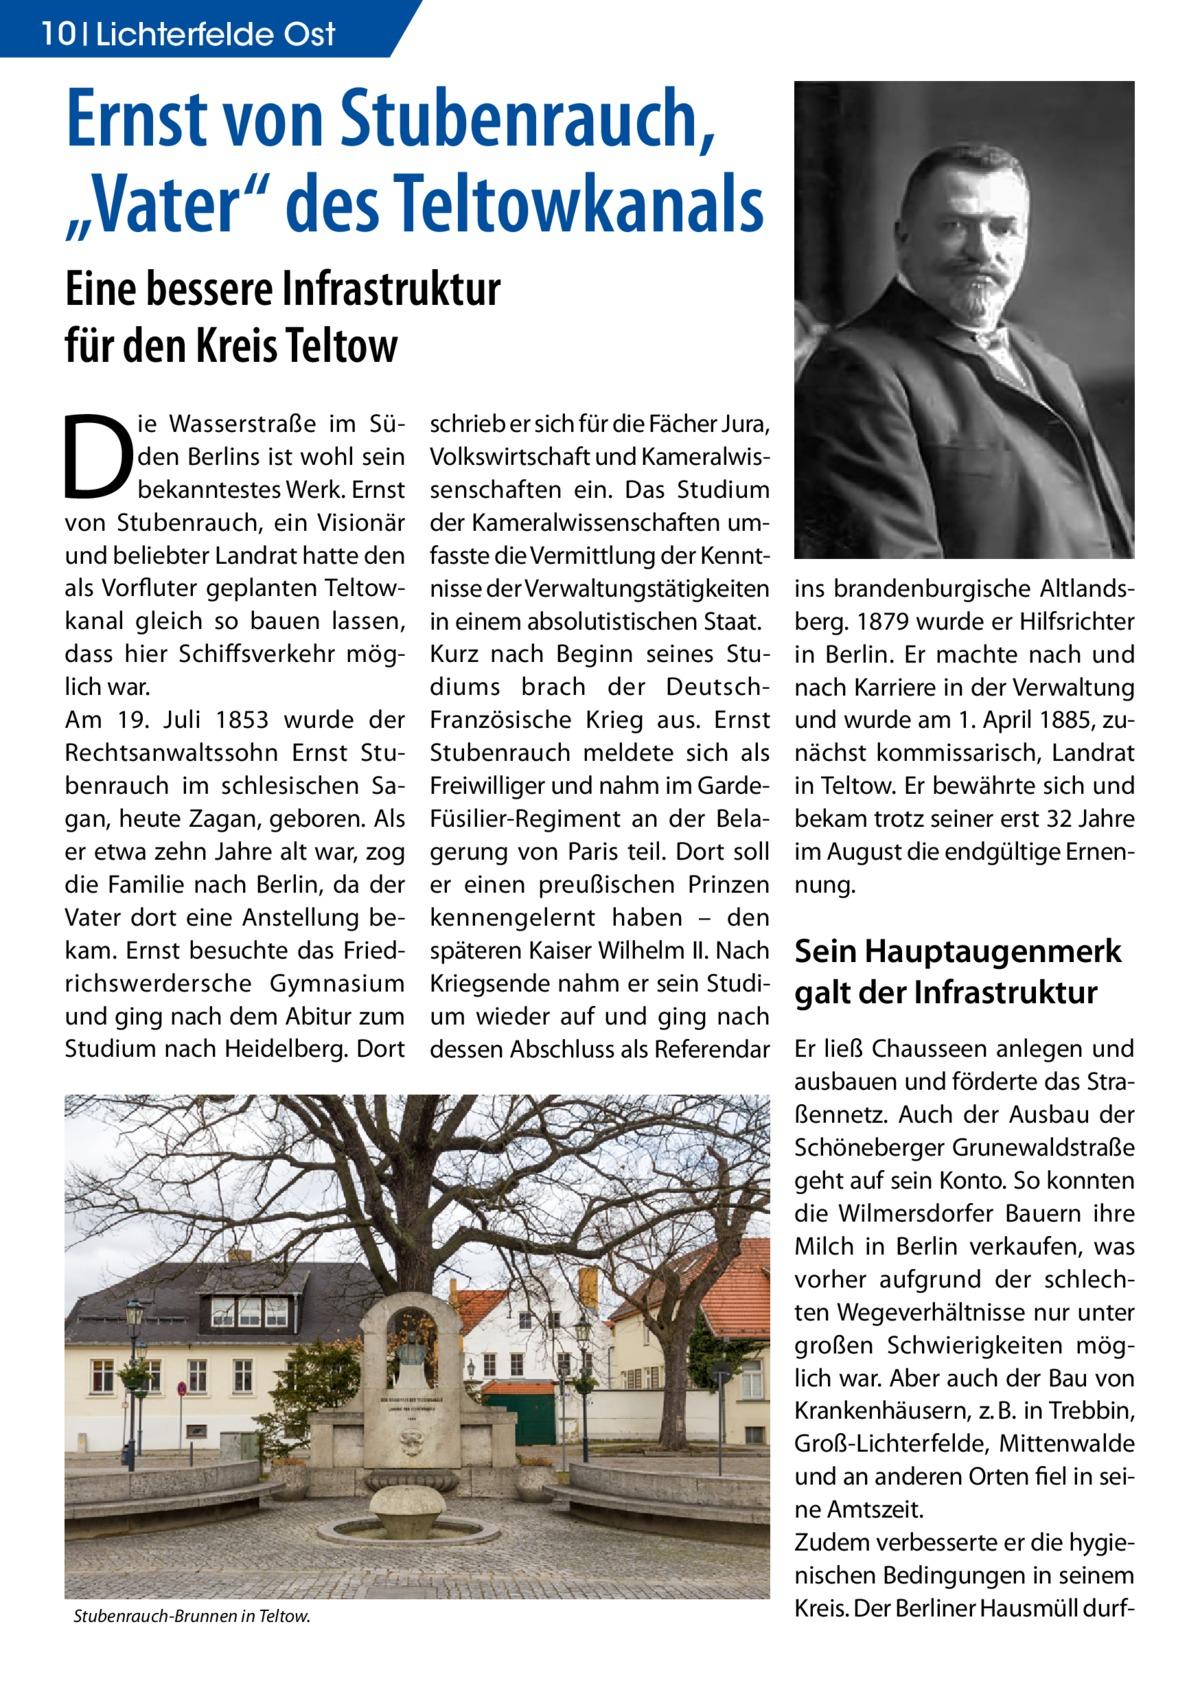 """10 Lichterfelde Ost  Ernst von Stubenrauch, """"Vater"""" des Teltowkanals Eine bessere Infrastruktur für den Kreis Teltow  D  ie Wasserstraße im Süden Berlins ist wohl sein bekanntestes Werk. Ernst von Stubenrauch, ein Visionär und beliebter Landrat hatte den als Vorfluter geplanten Teltowkanal gleich so bauen lassen, dass hier Schiffsverkehr möglich war. Am 19. Juli 1853 wurde der Rechtsanwaltssohn Ernst Stubenrauch im schlesischen Sagan, heute Zagan, geboren. Als er etwa zehn Jahre alt war, zog die Familie nach Berlin, da der Vater dort eine Anstellung bekam. Ernst besuchte das Friedrichswerdersche Gymnasium und ging nach dem Abitur zum Studium nach Heidelberg. Dort  Stubenrauch-Brunnen in Teltow.�  schrieb er sich für die Fächer Jura, Volkswirtschaft und Kameralwissenschaften ein. Das Studium der Kameralwissenschaften umfasste die Vermittlung der Kenntnisse der Verwaltungstätigkeiten in einem absolutistischen Staat. Kurz nach Beginn seines Studiums brach der DeutschFranzösische Krieg aus. Ernst Stubenrauch meldete sich als Freiwilliger und nahm im GardeFüsilier-Regiment an der Belagerung von Paris teil. Dort soll er einen preußischen Prinzen kennengelernt haben – den späteren Kaiser Wilhelm II. Nach Kriegsende nahm er sein Studium wieder auf und ging nach dessen Abschluss als Referendar  ins brandenburgische Altlandsberg. 1879 wurde er Hilfsrichter in Berlin. Er machte nach und nach Karriere in der Verwaltung und wurde am 1. April 1885, zunächst kommissarisch, Landrat in Teltow. Er bewährte sich und bekam trotz seiner erst 32 Jahre im August die endgültige Ernennung.  Sein Hauptaugenmerk galt der Infrastruktur Er ließ Chausseen anlegen und ausbauen und förderte das Straßennetz. Auch der Ausbau der Schöneberger Grunewaldstraße geht auf sein Konto. So konnten die Wilmersdorfer Bauern ihre Milch in Berlin verkaufen, was vorher aufgrund der schlechten Wegeverhältnisse nur unter großen Schwierigkeiten möglich war. Aber auch der Bau von Krankenhäusern, z.B. in Trebbin, Groß"""